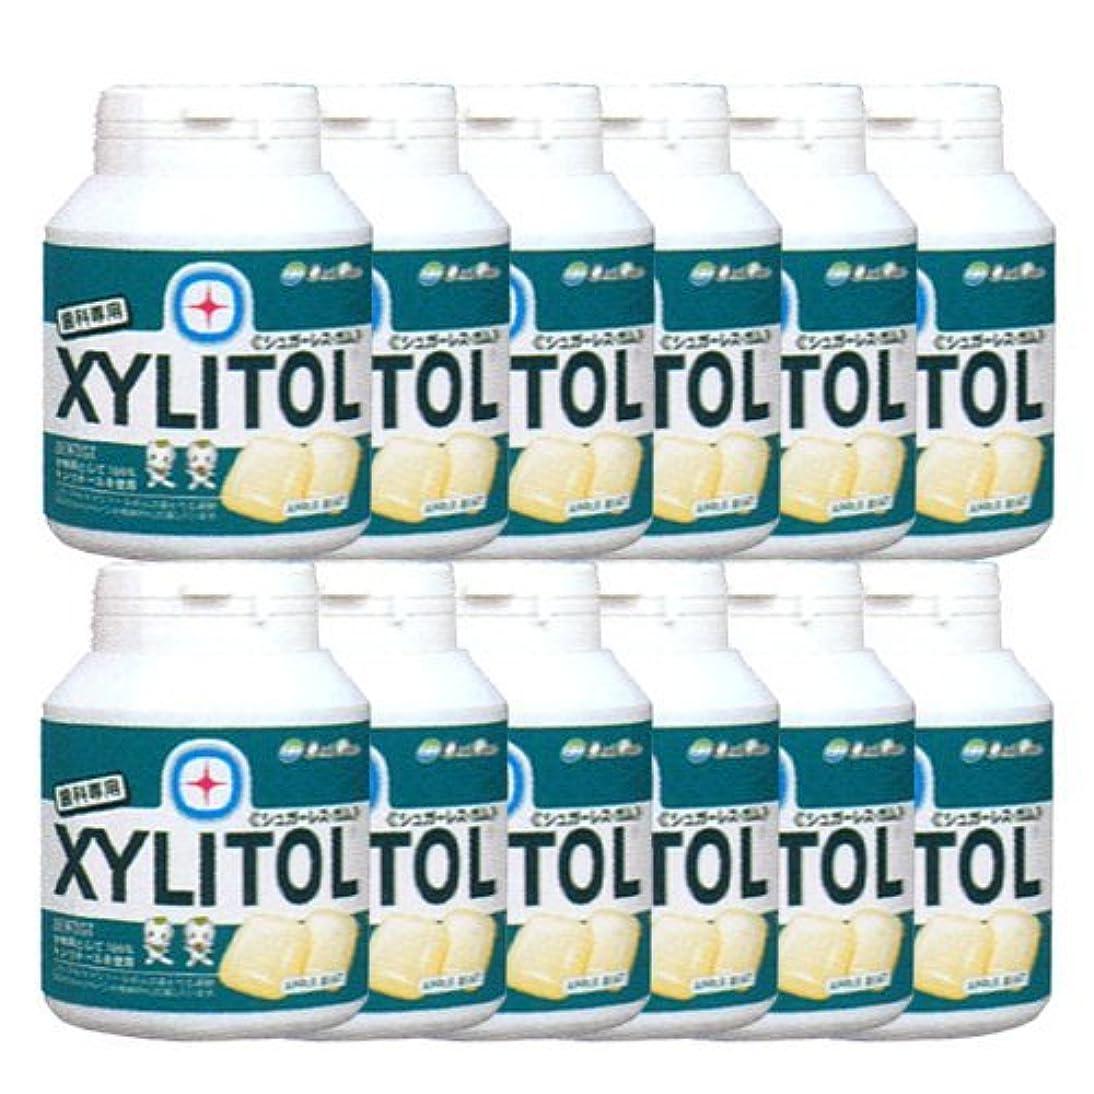 変換するシャベル著作権歯科専売品 キシリトール ガム ボトル タイプ 90粒×12本 アップルミント